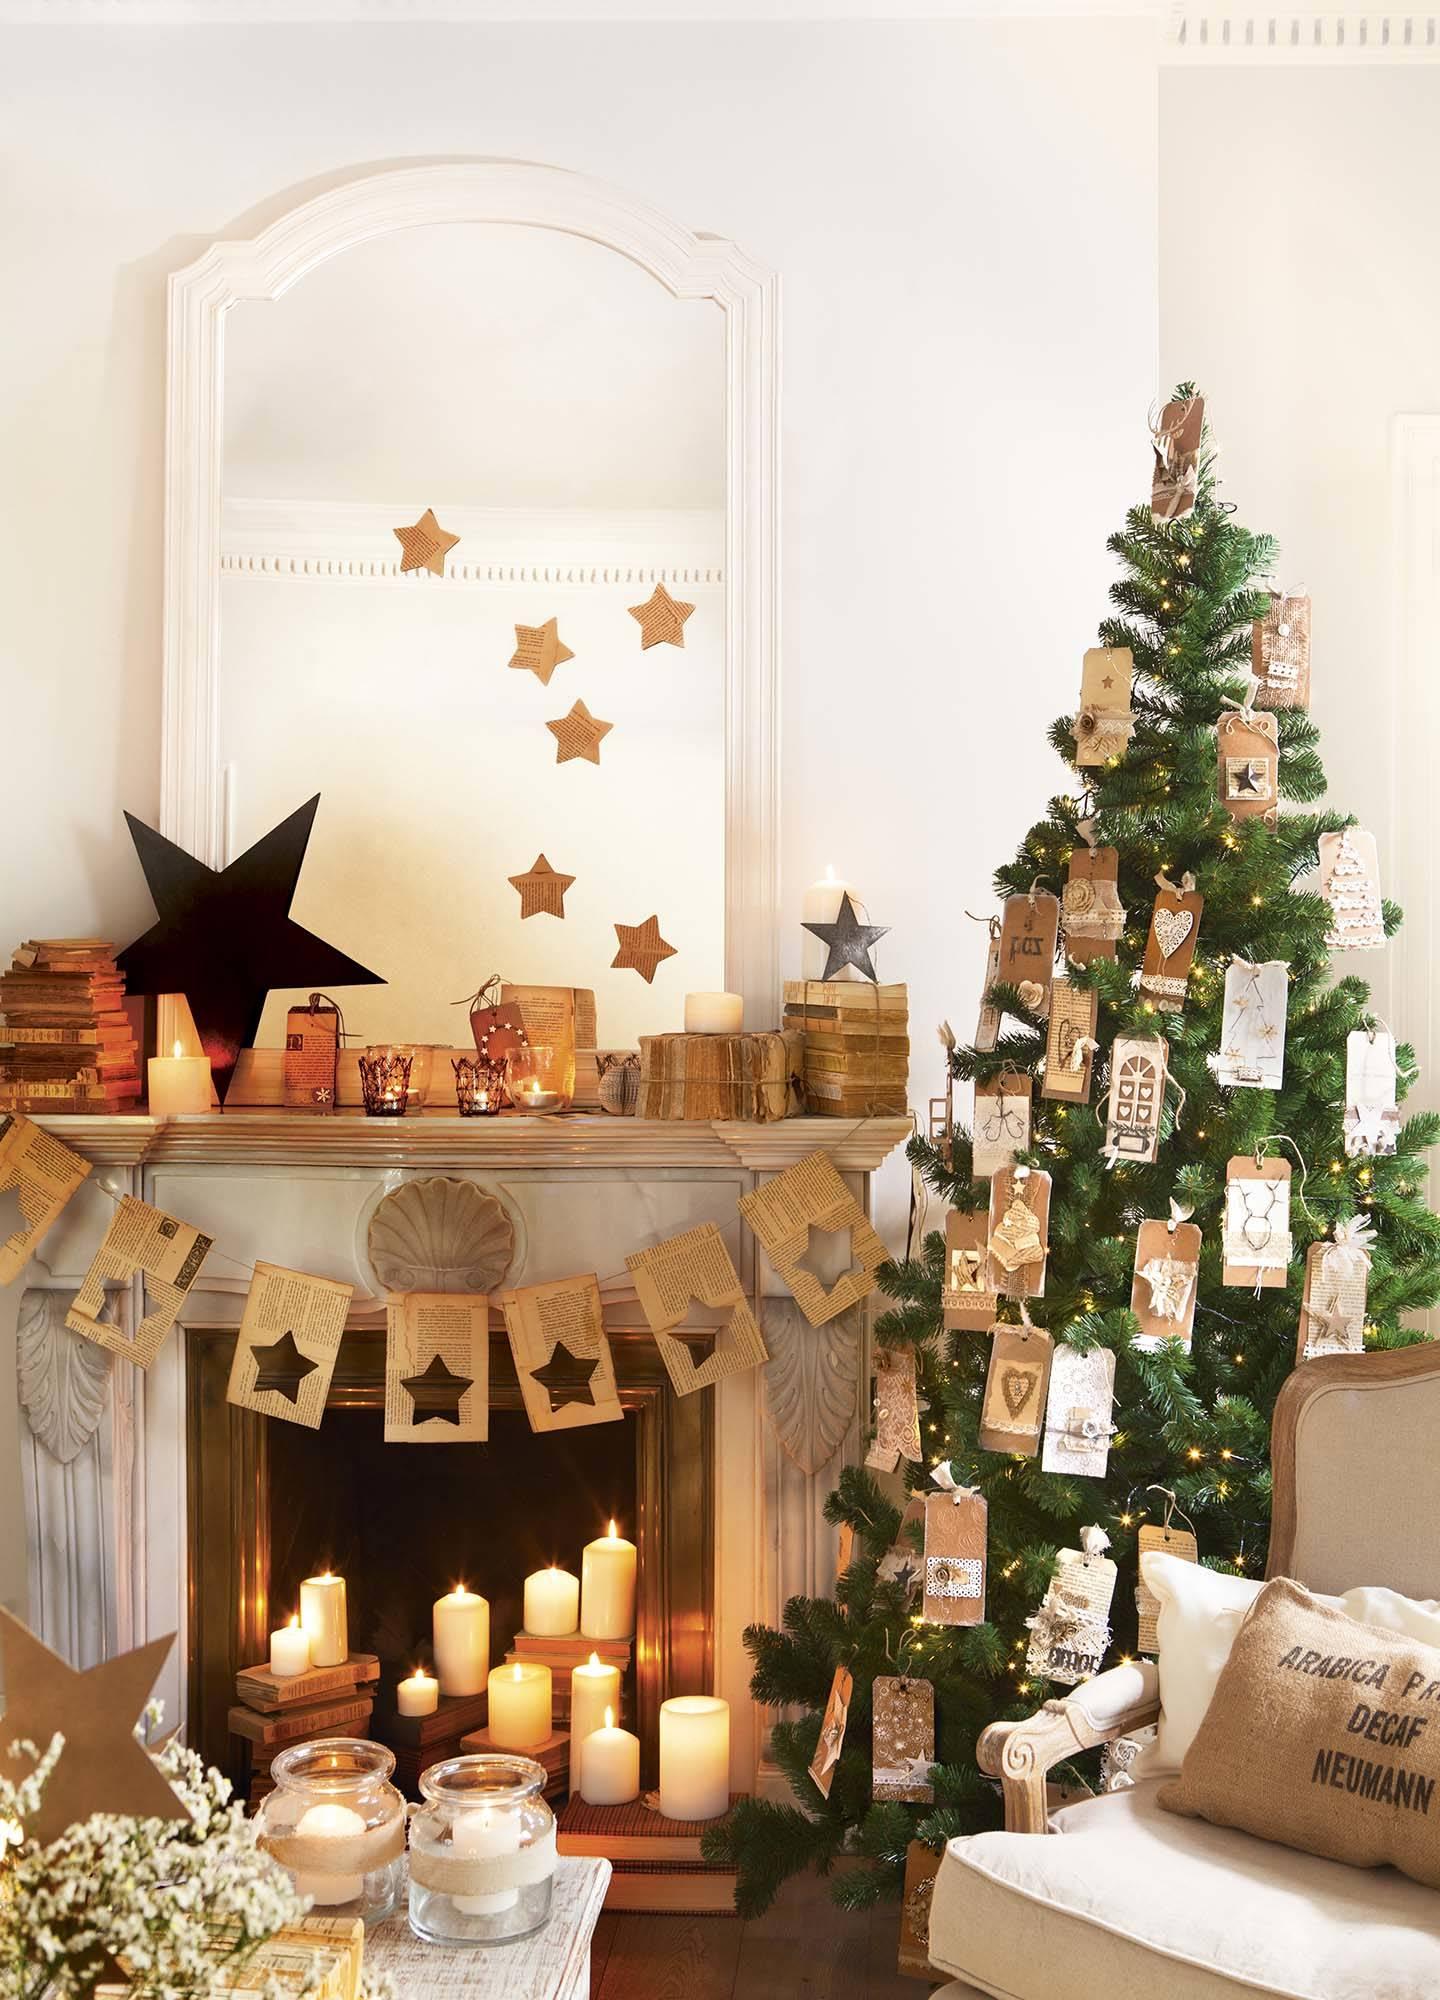 Decoraci n navide a para el sal n navidad el mueble - Como se decora un arbol de navidad ...